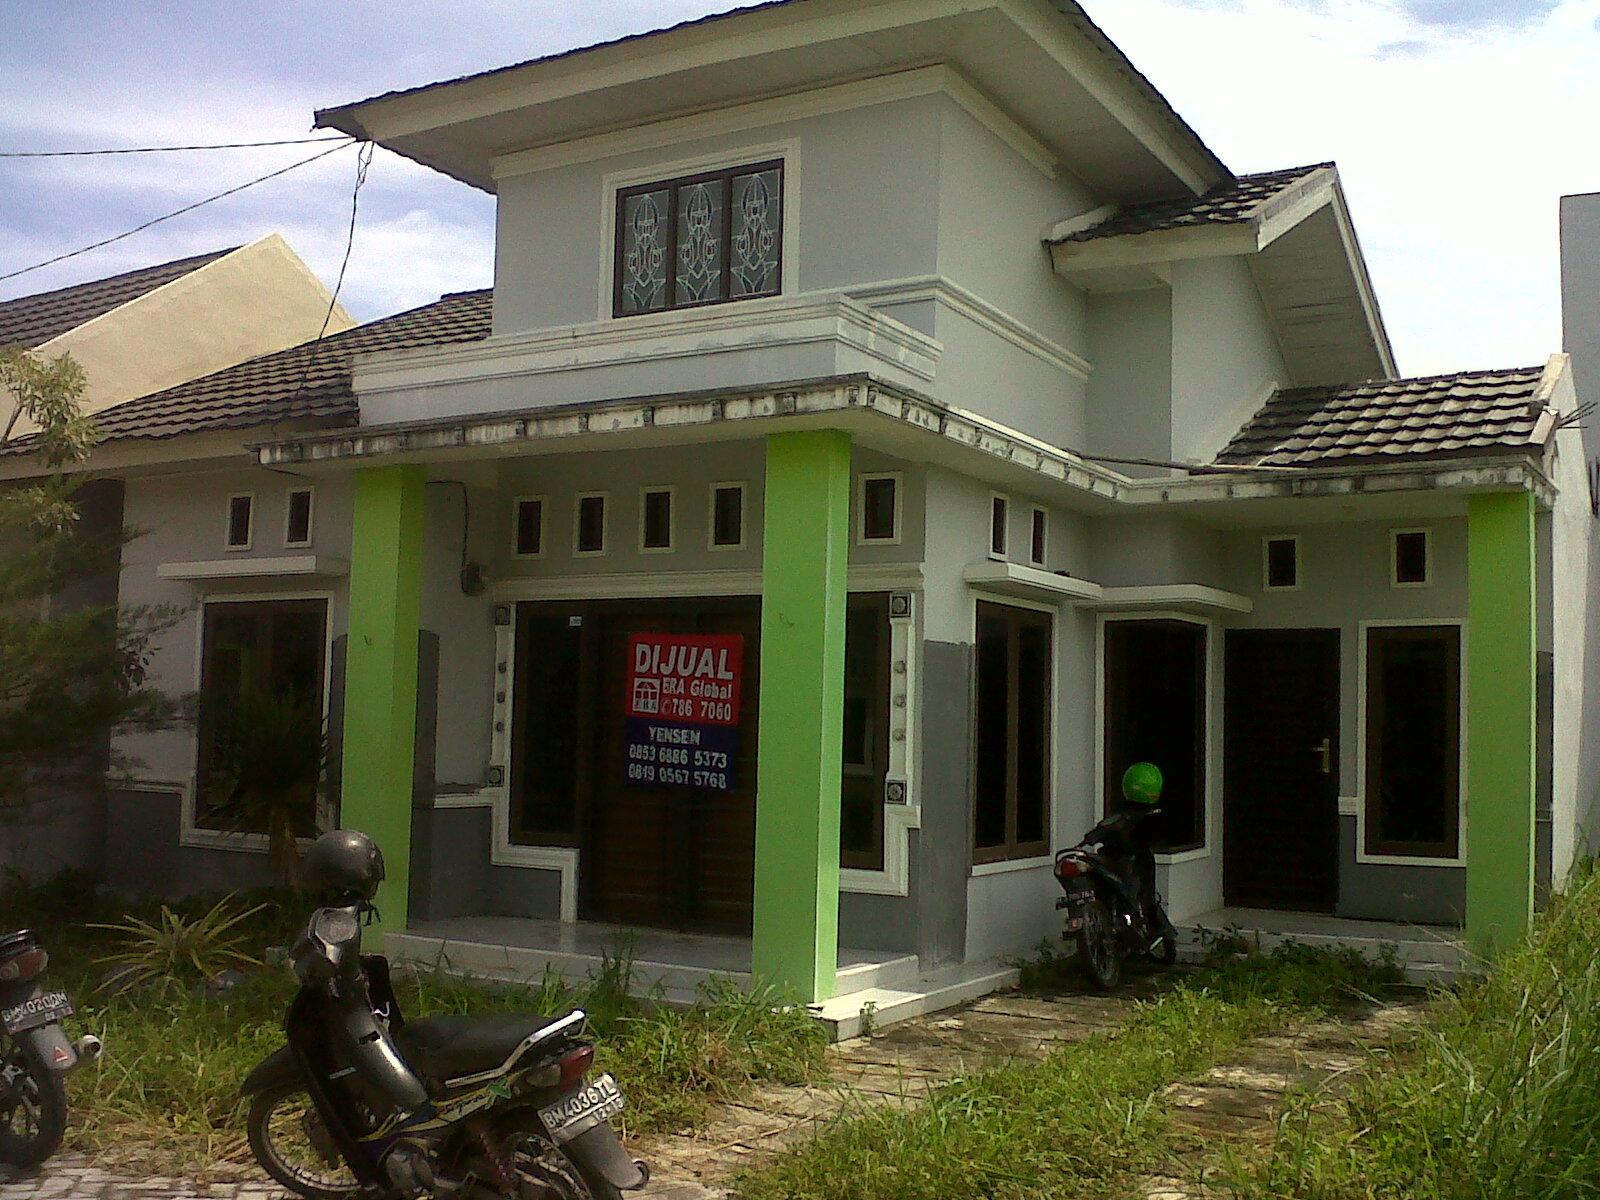 Dijual Rumah Lelang Jalan Tuah Karya Panam Perumahan Anggrek